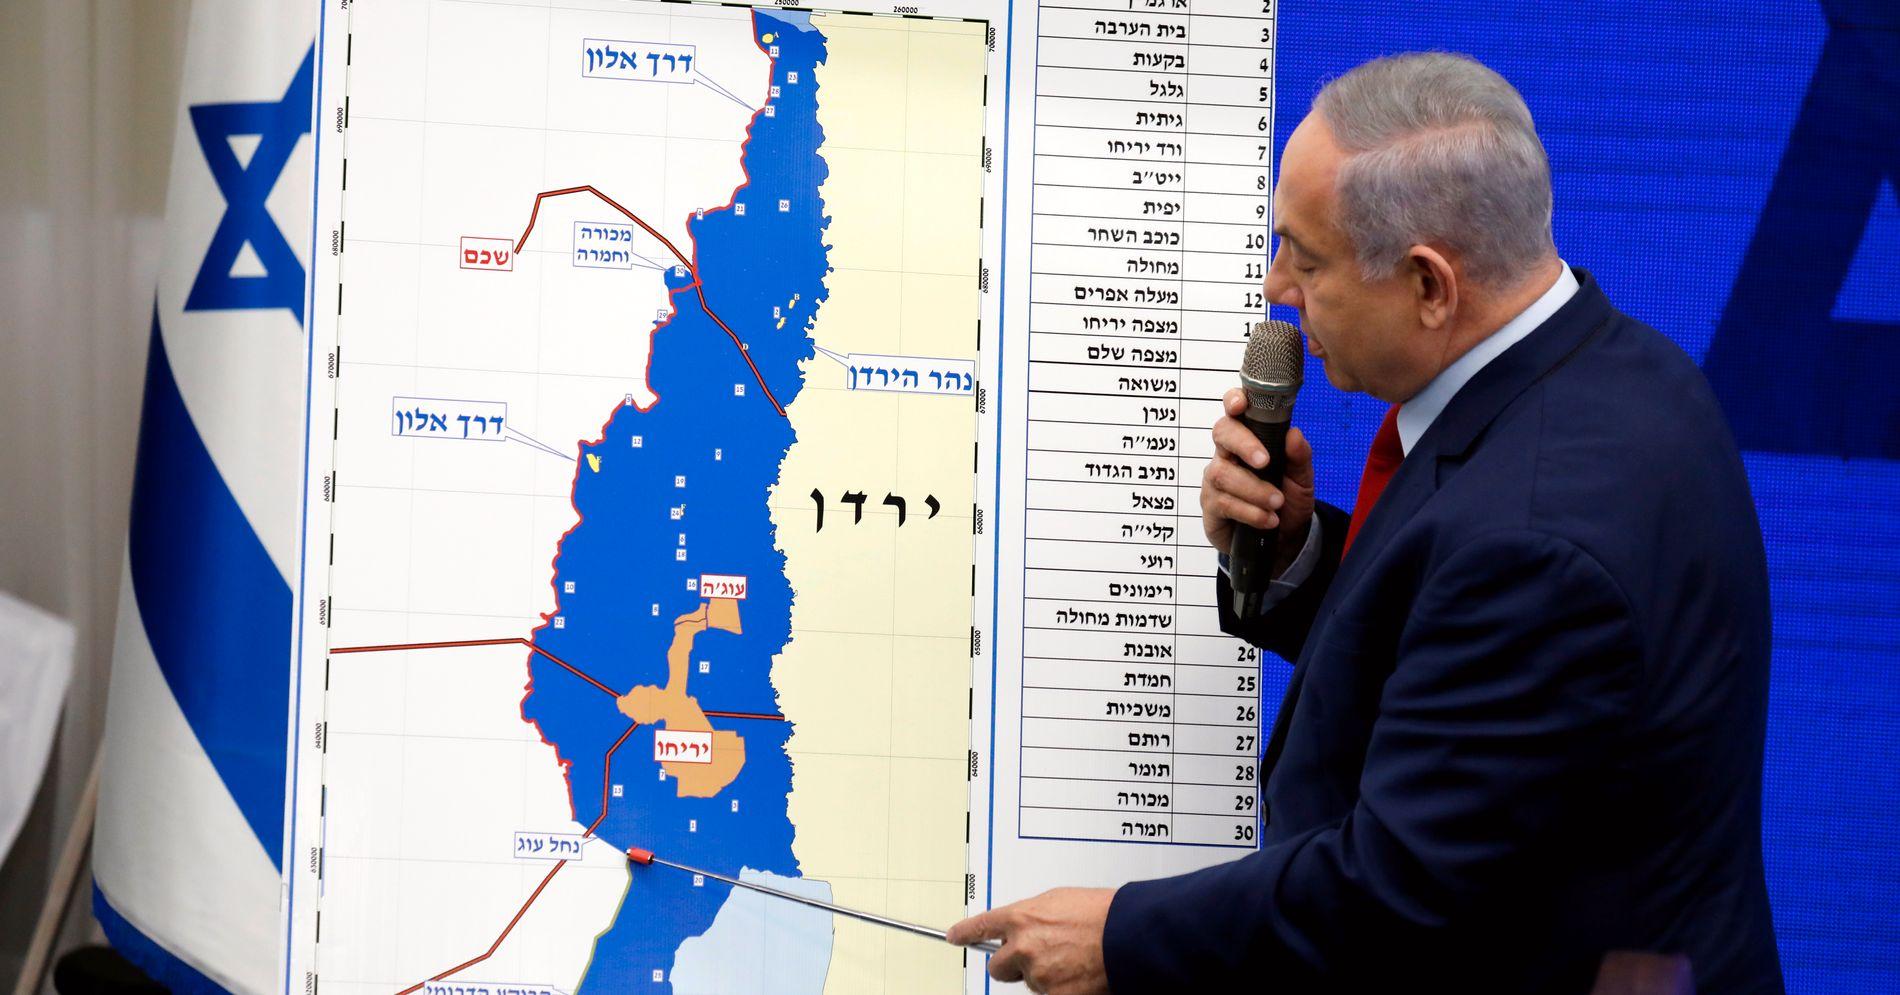 Израиль: «аннексия» Палестины объявлена, но отложена. Почему?